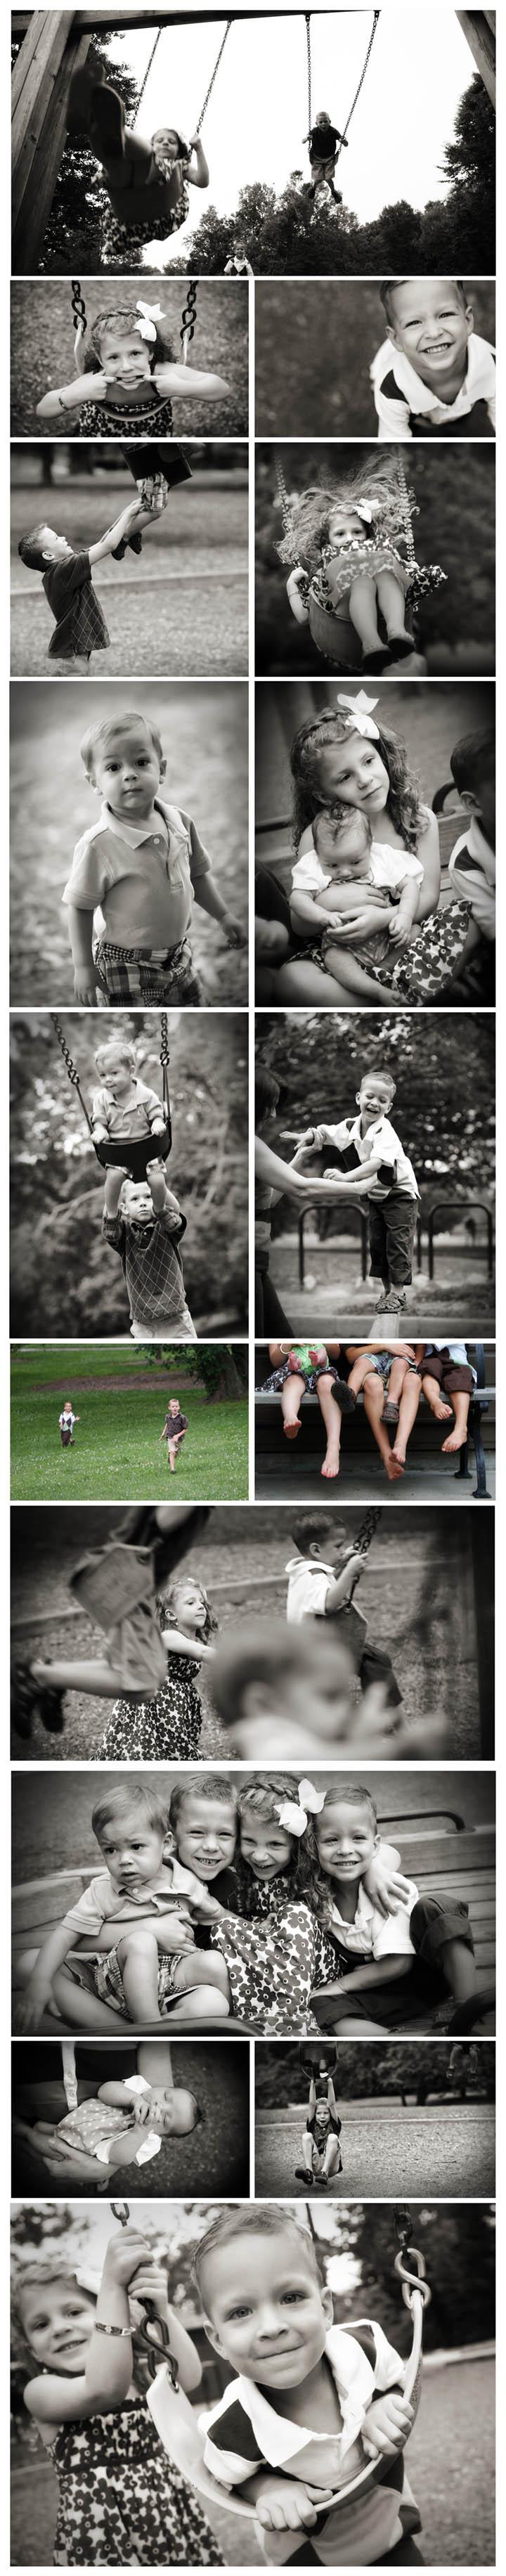 Child Portrait Photographer - Louisville Kentucky